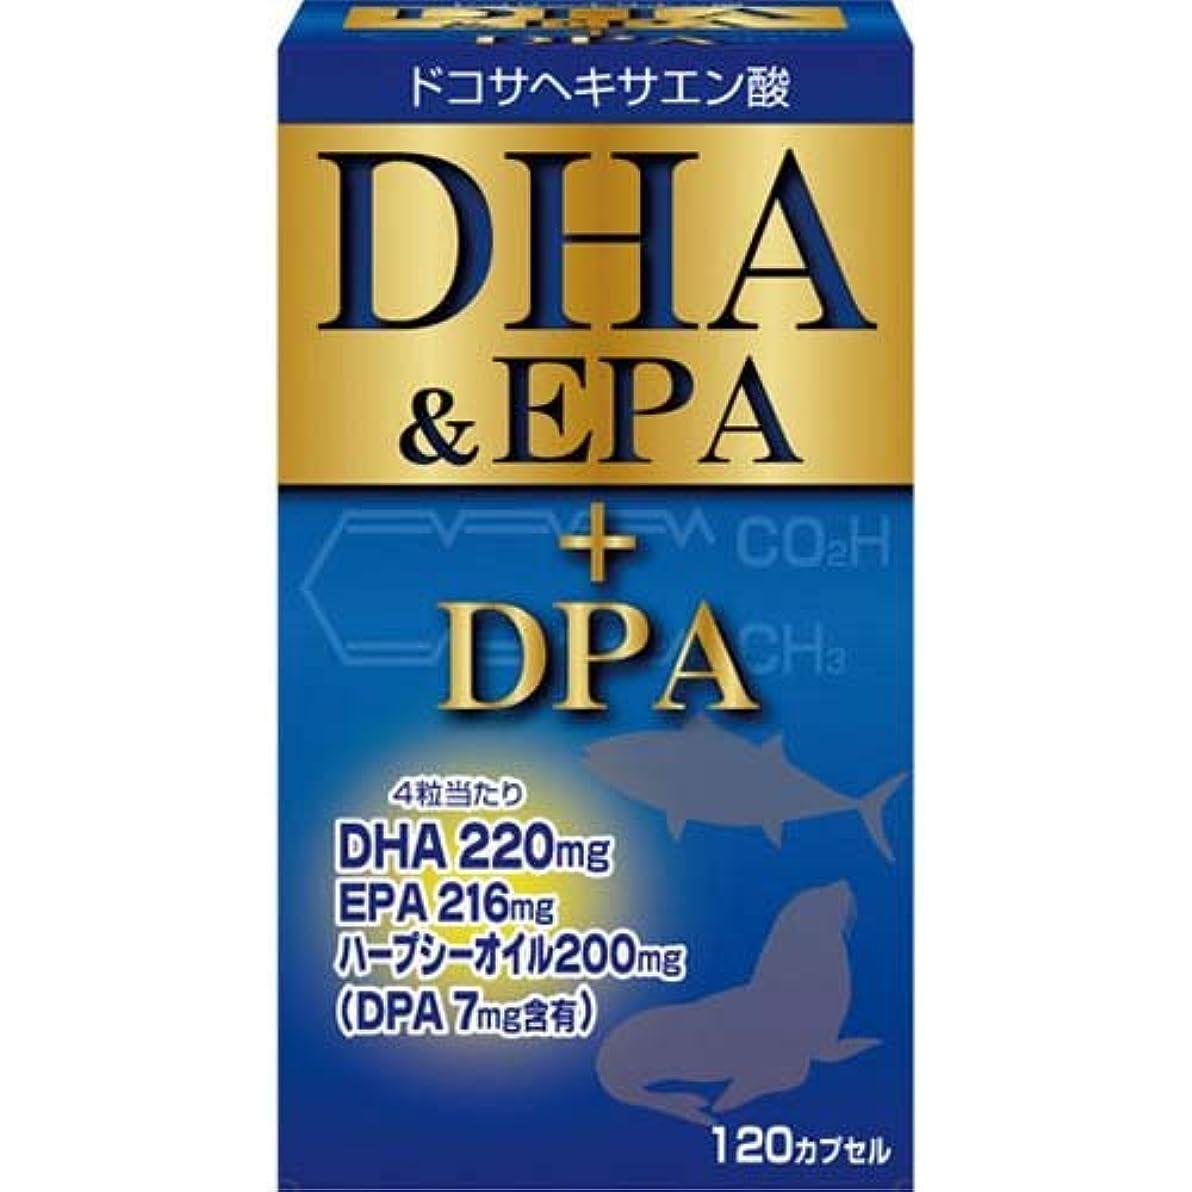 祝福する明るい同一性ユーワ DHA&EPA+DPA 120カプセル